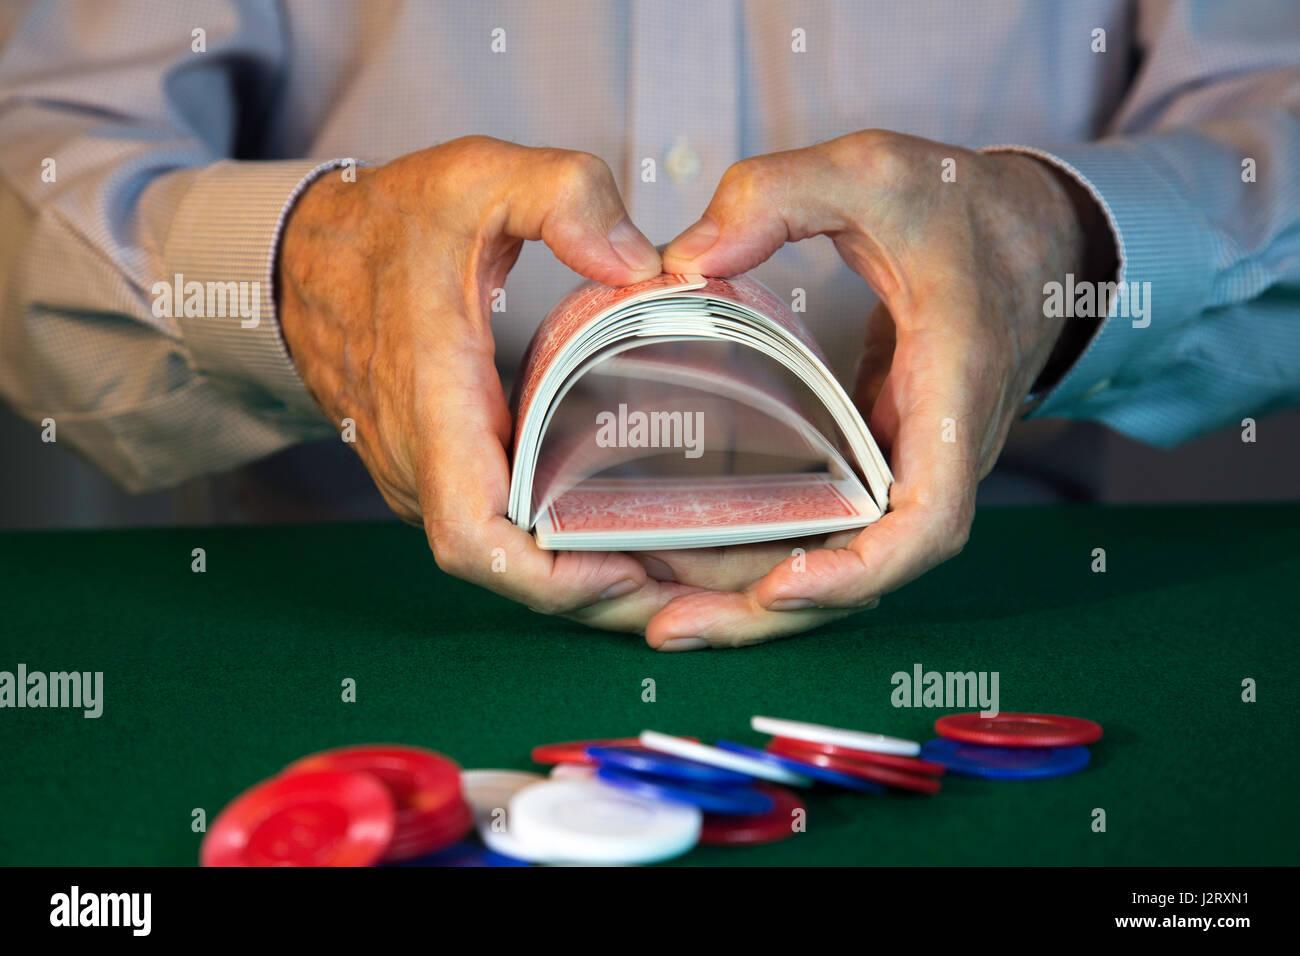 man Shuffling Cards Dealing at Poker Game Stock Photo